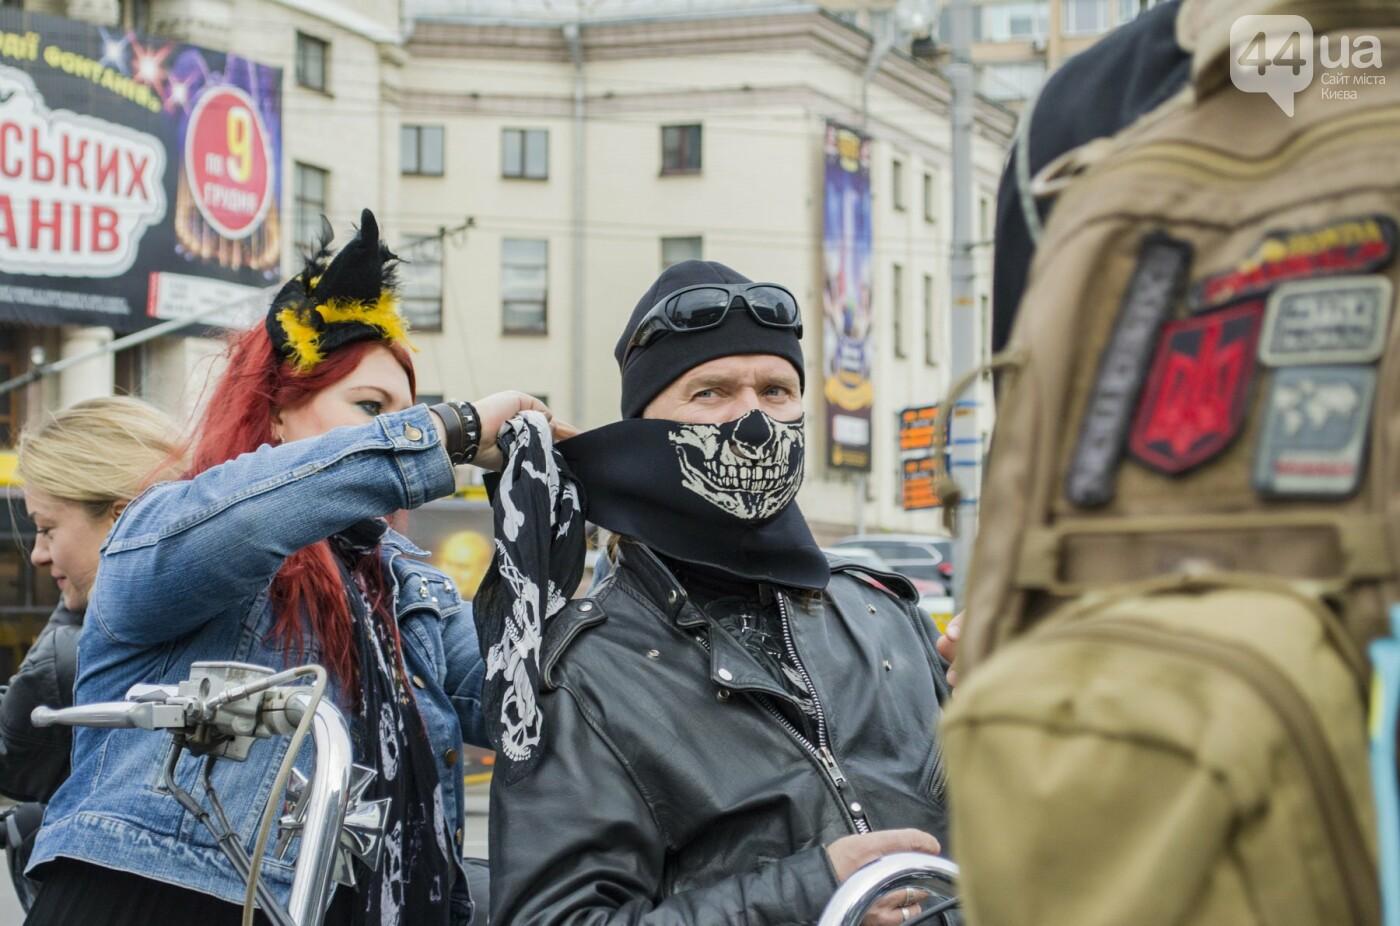 """От Бэтмена до ведьм: как """"нечисть"""" разъезжала на мотоциклах по центру Киева, фото-3"""